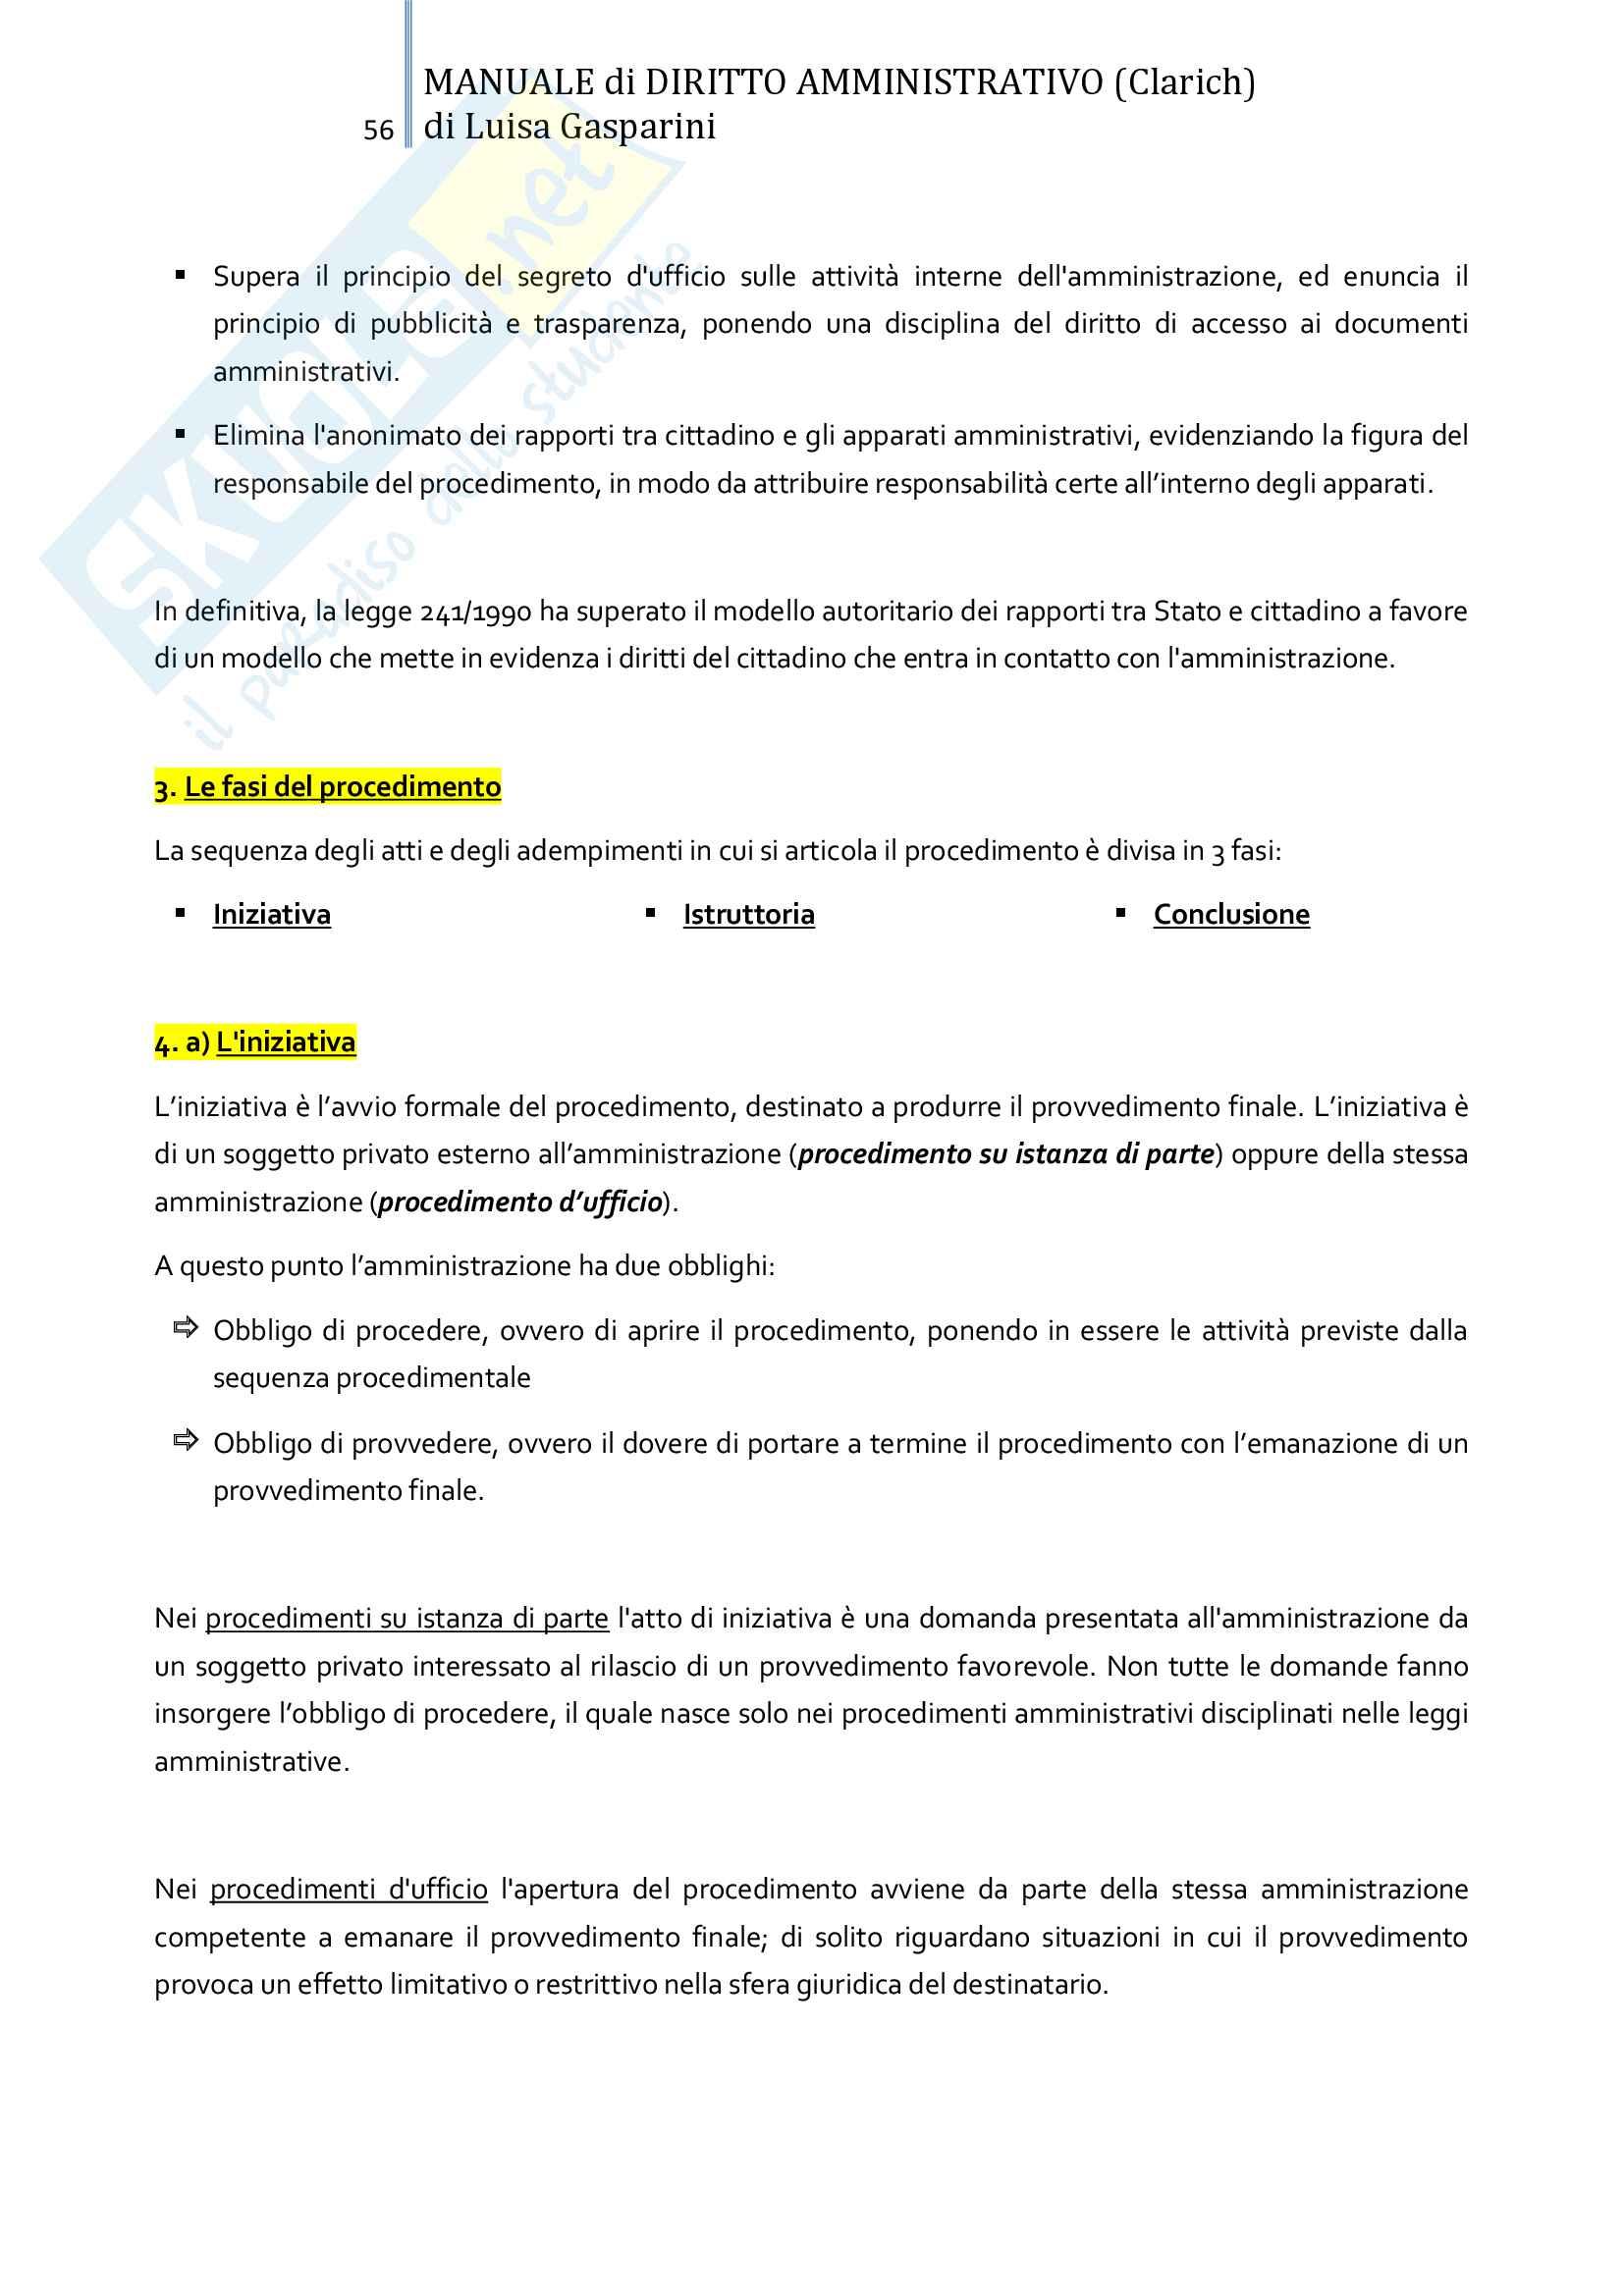 Riassunto esame Diritto amministrativo, professor Leonardi. Testo consigliato Manuale di Diritto Amministrativo, Clarich Pag. 56